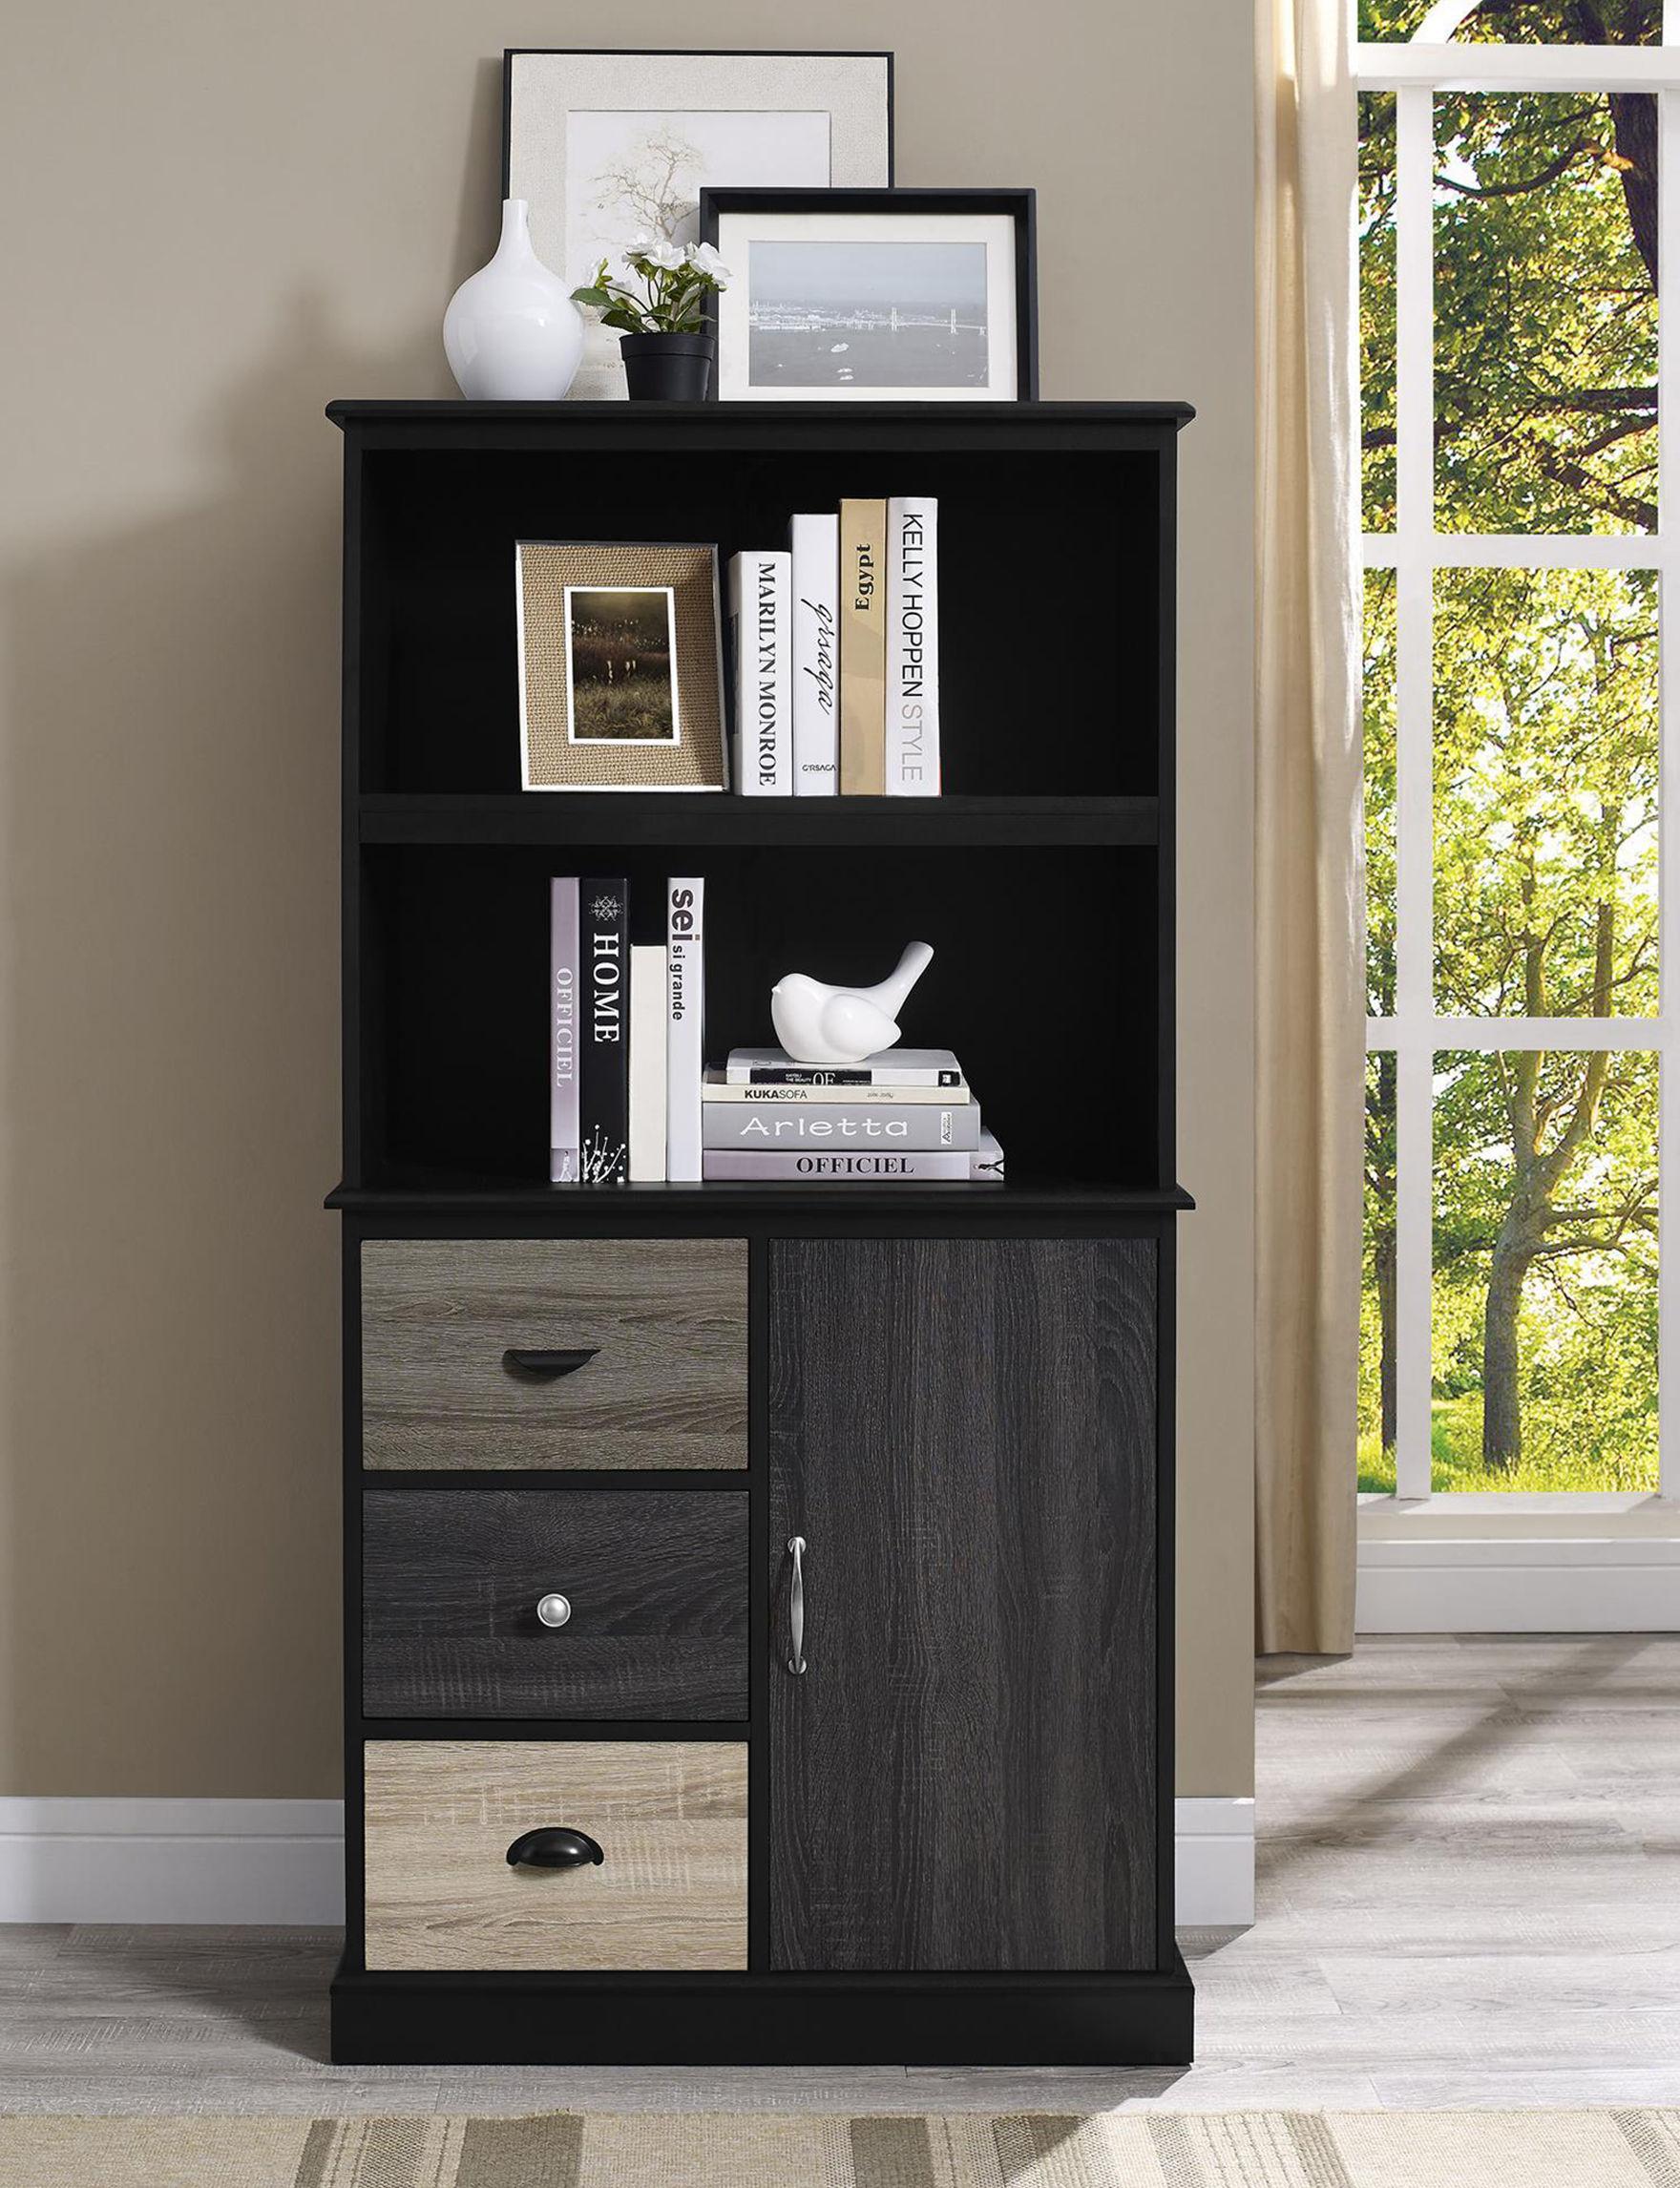 Ameriwood Black / Grey Bookcases & Shelves Home Office Furniture Living Room Furniture